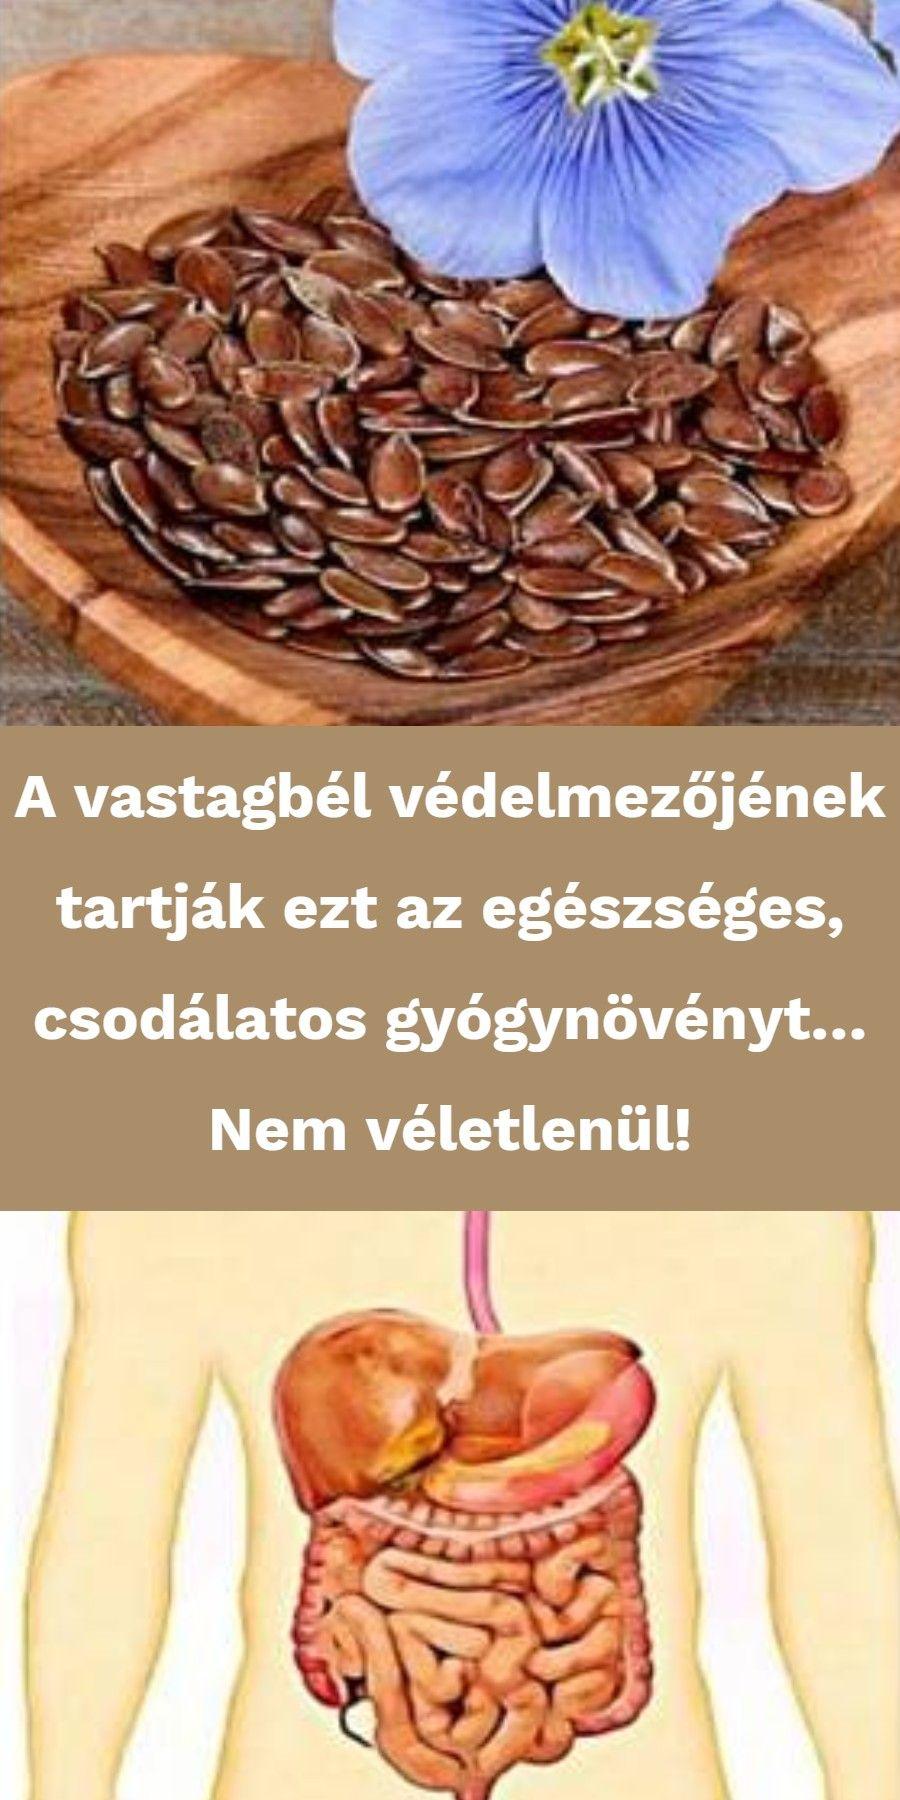 milyen ételek tisztítják a vastagbelet)